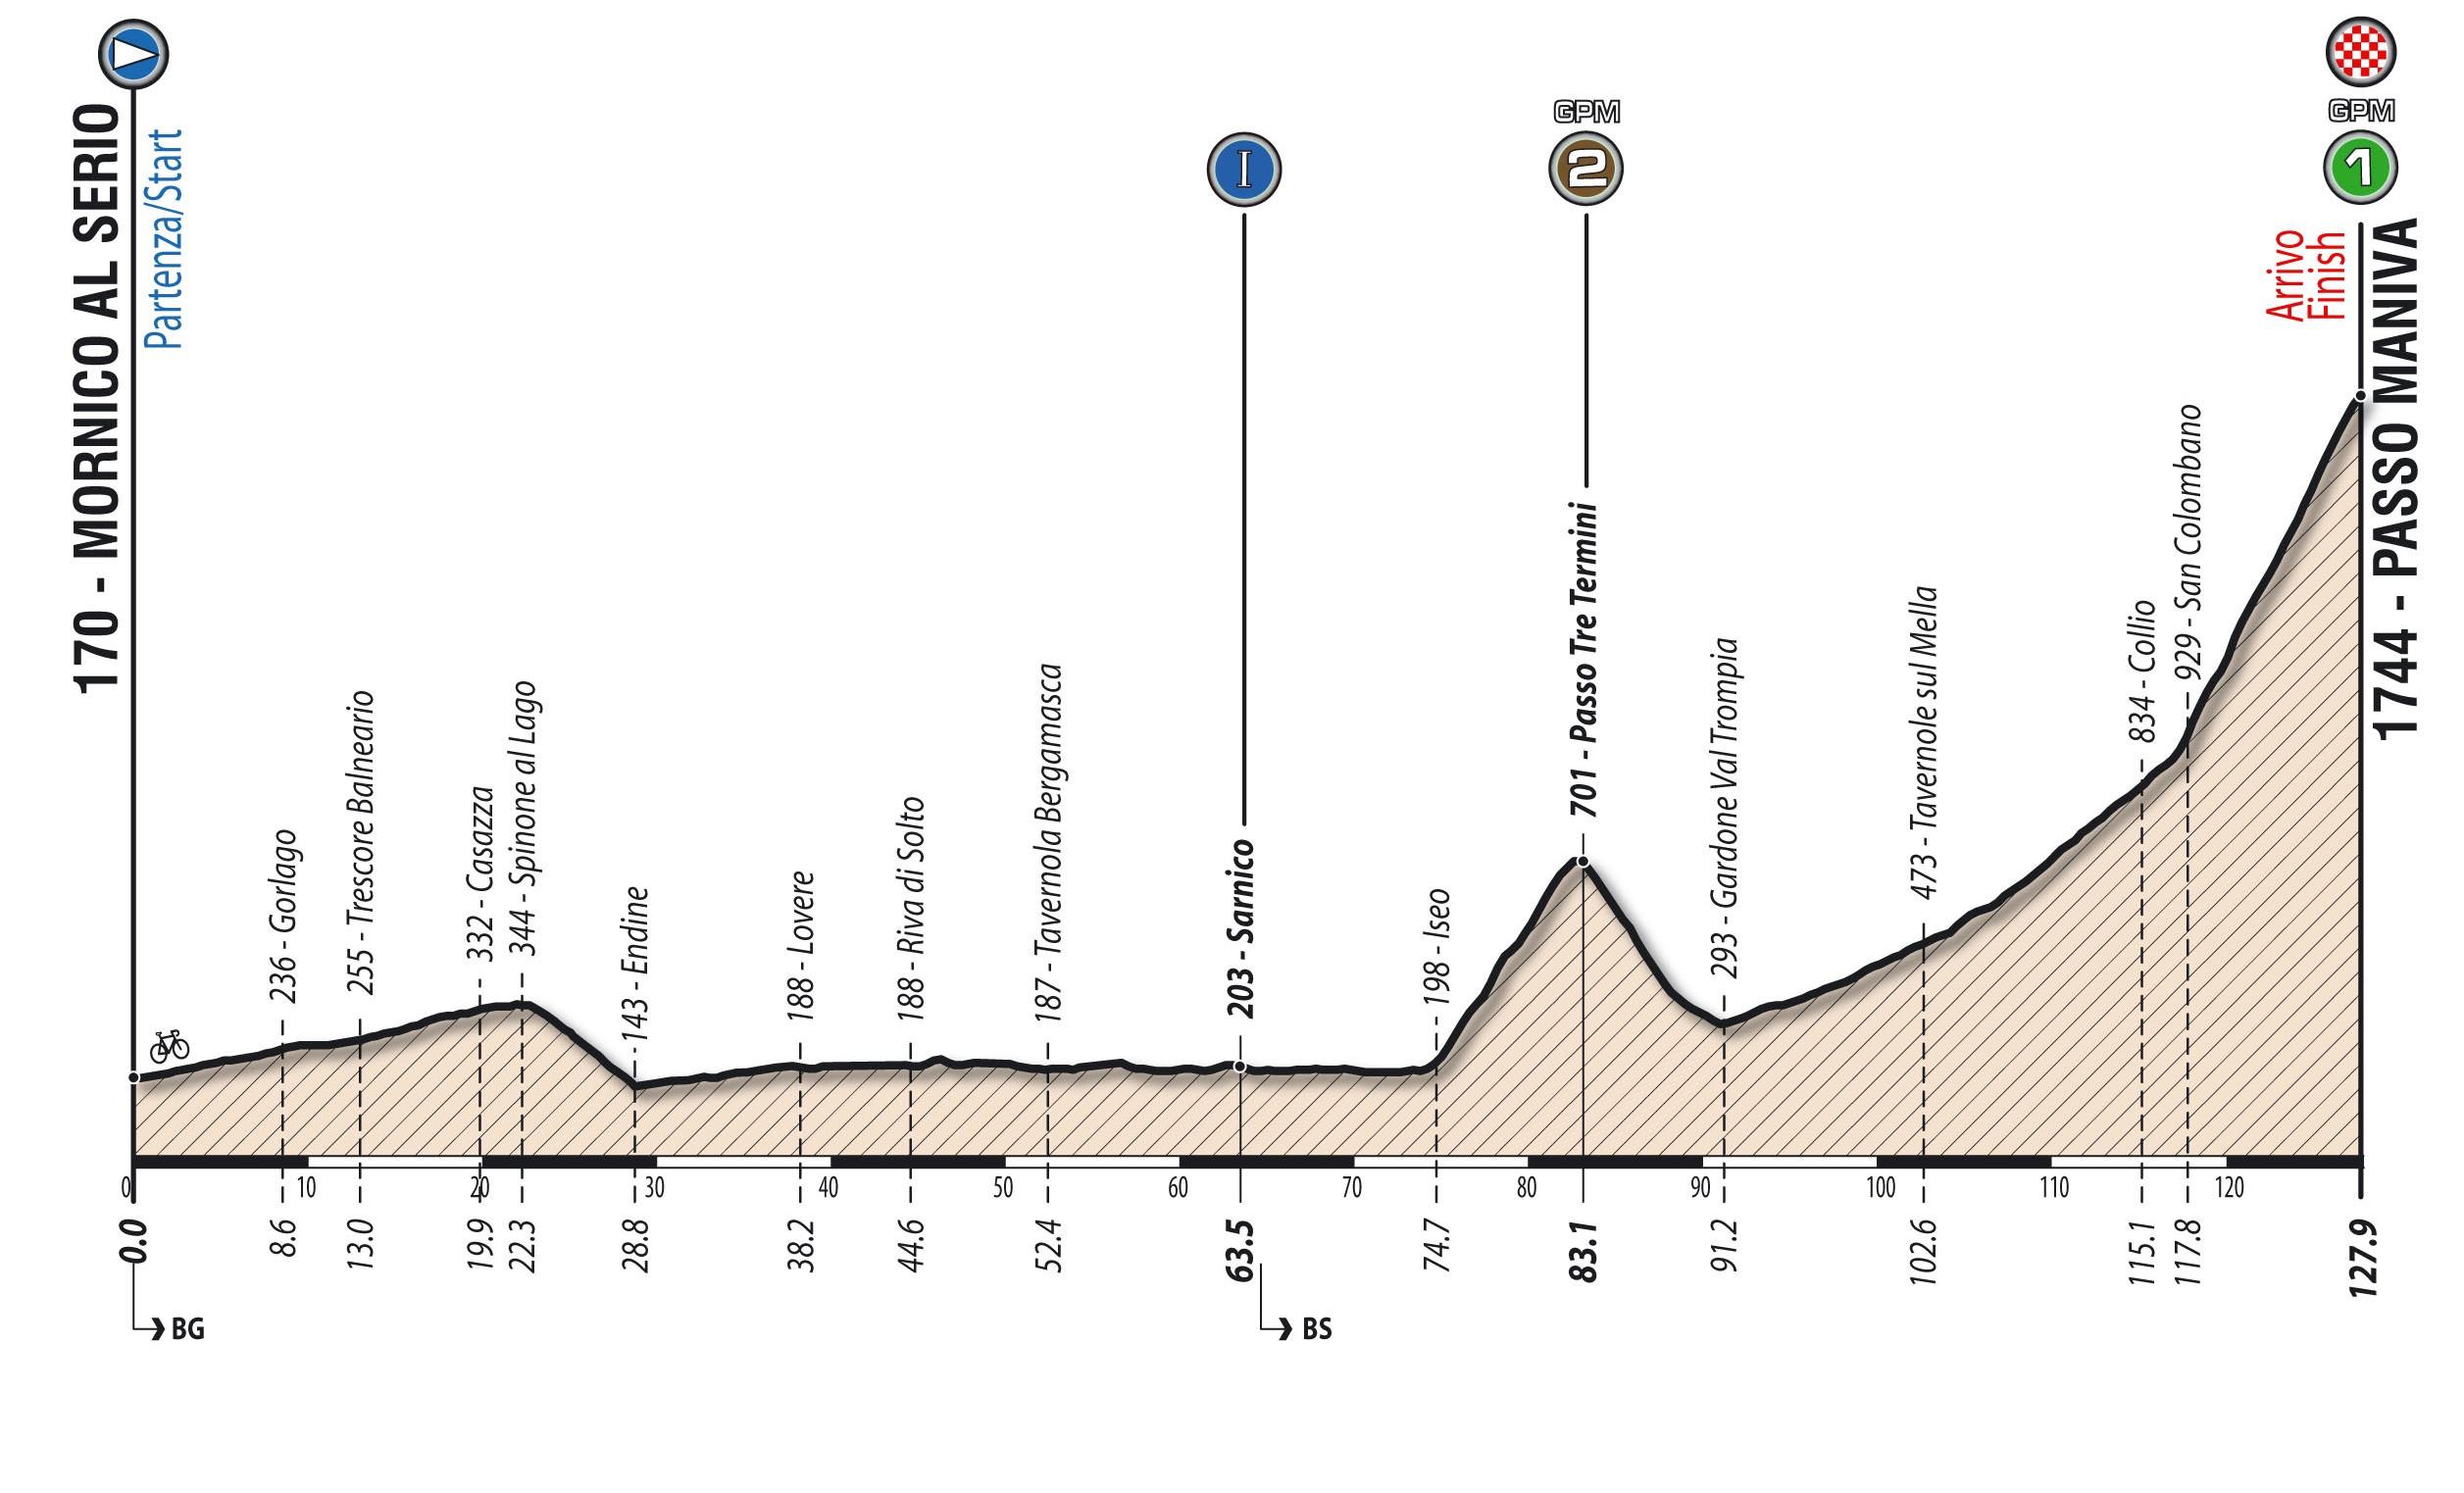 Tappa: 4 - 11 giugno: Mornico al Serio - Passo Maniva , 127.90 km